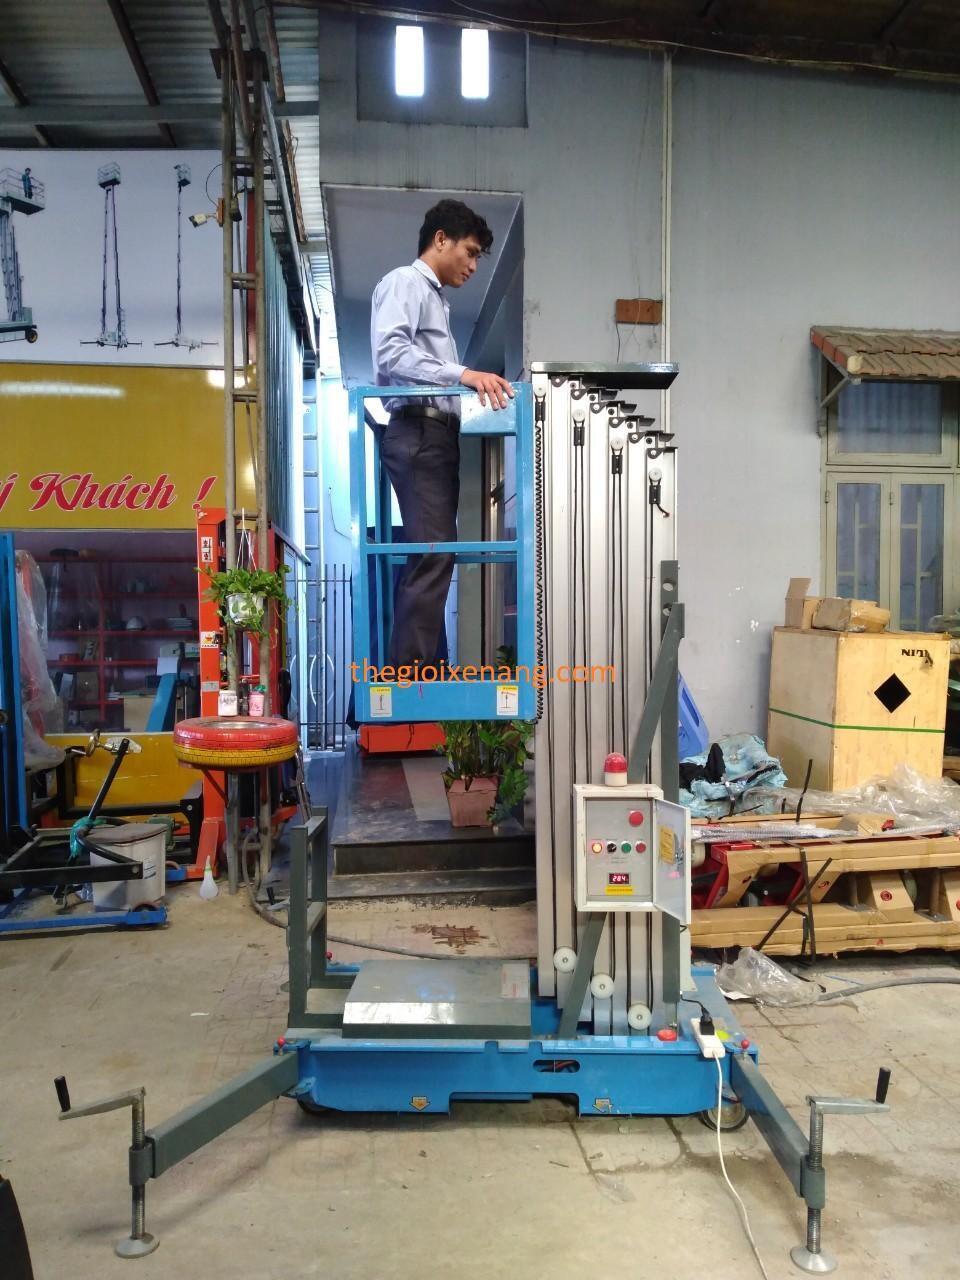 xe nâng người 10 mét , xe nâng người đơn , thang nâng , xe nâng làm việc trên cao